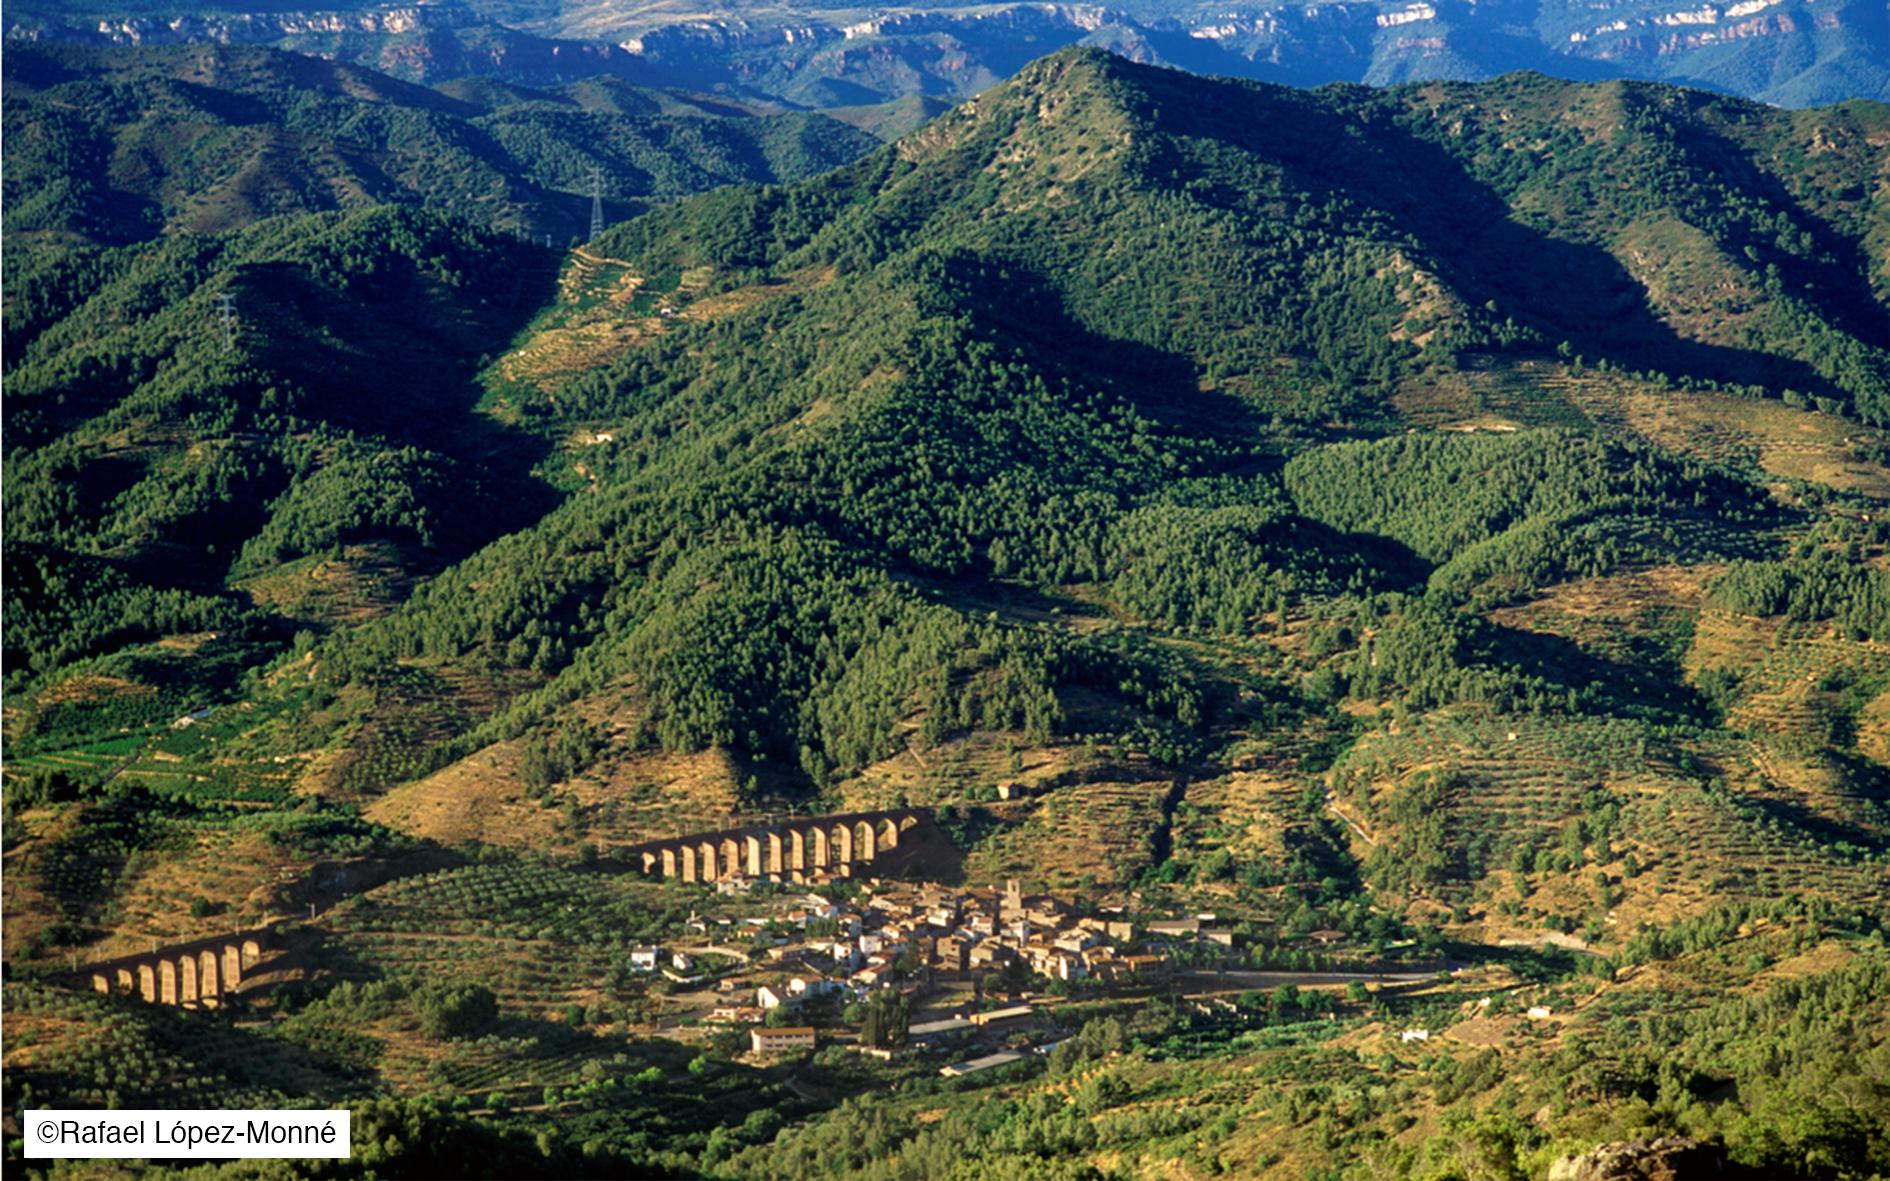 Riudecanyes et le château Escornalbou